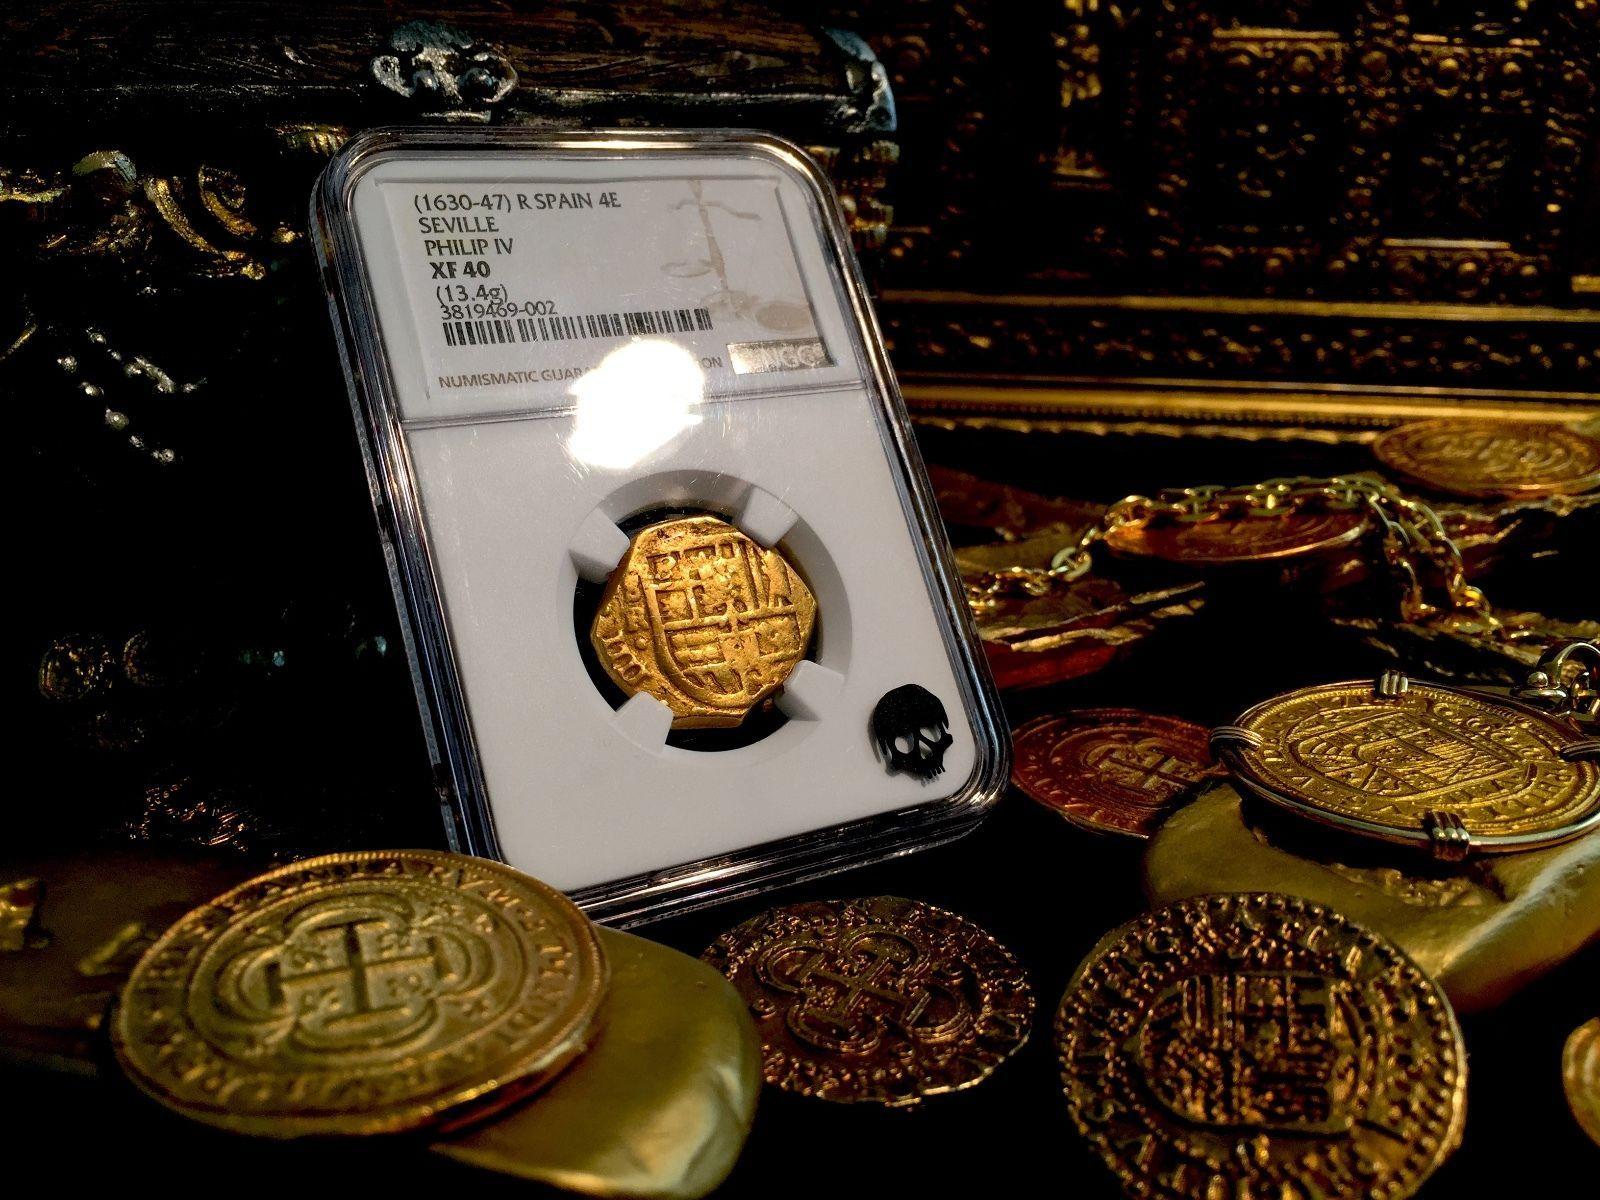 """SPAIN 1630 TREASURE COIN """"PIRATE ERA CROSS"""" GOLD 4 ESCUDOS  DOUBLOON COB NGC 40"""